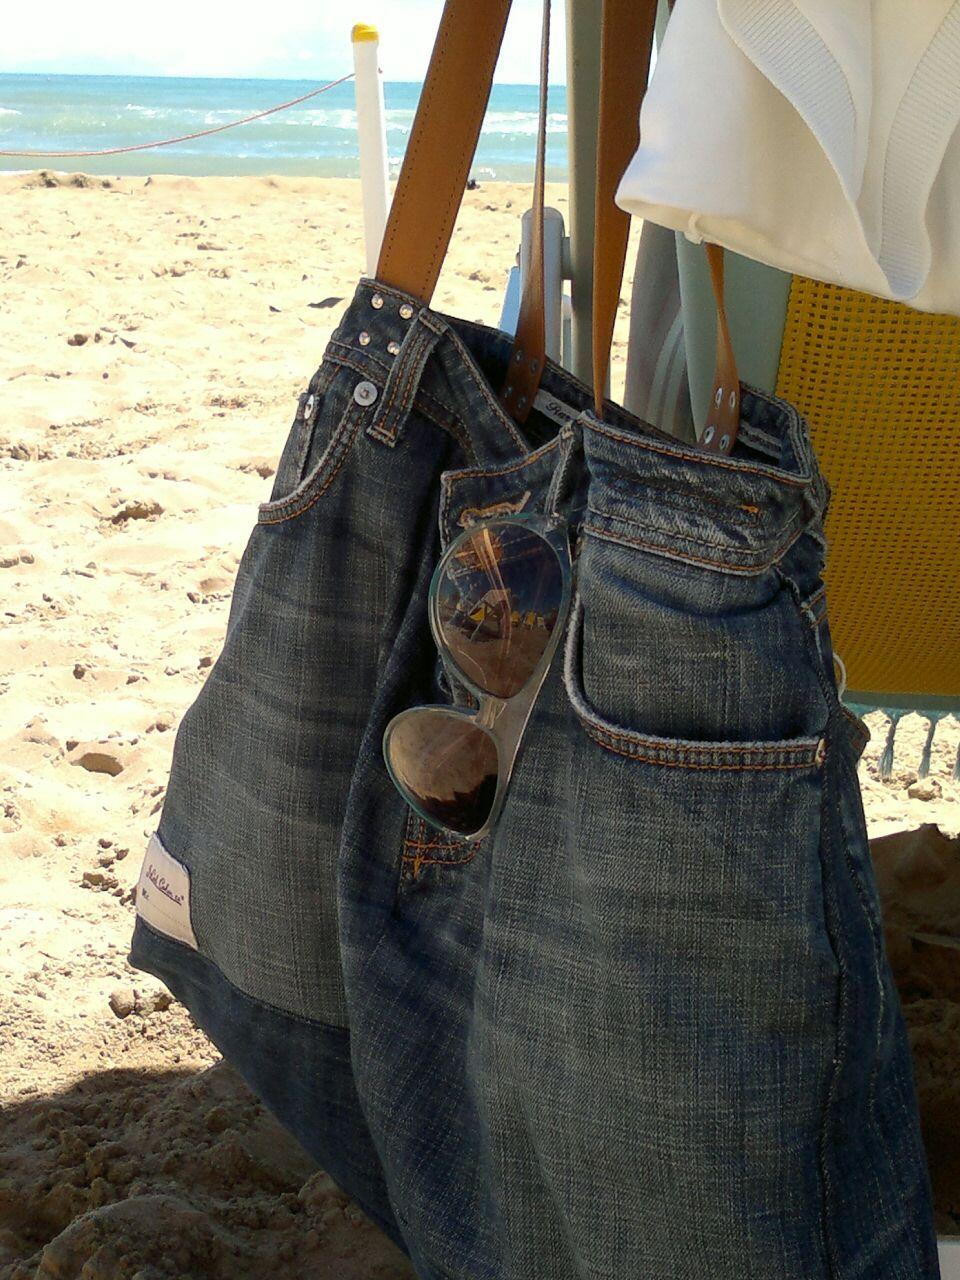 cd41d20026 La storia di un paio di jeans, non finisce mai! Borsa mare, con manici in  pelle..da un comodo paio di jeans ^_^